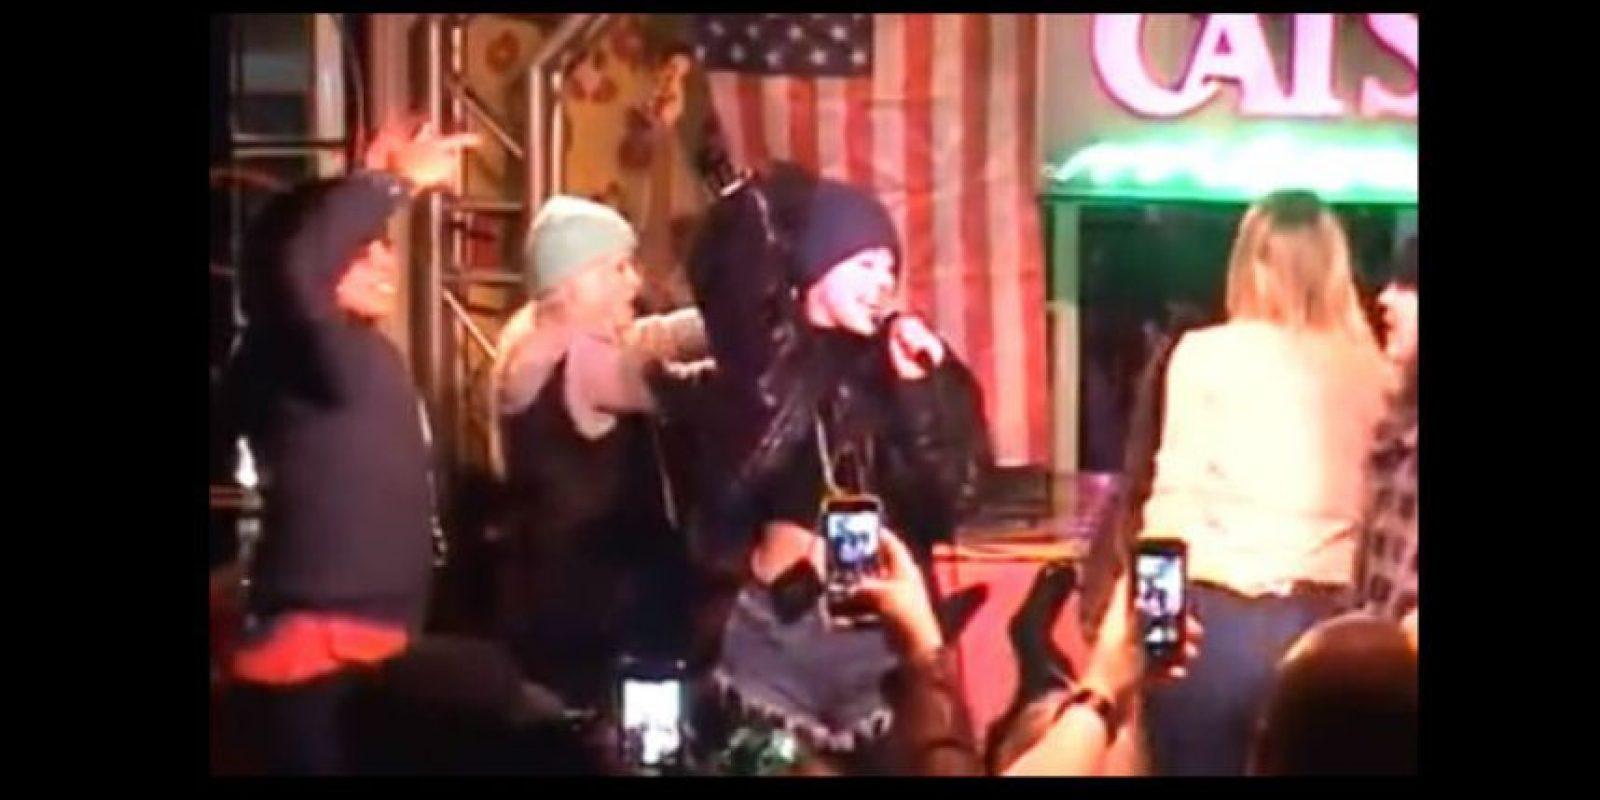 Miley Cyrus más allá de cantar se dedicó a divertirse en el karaoke Cats Foto:YouTube